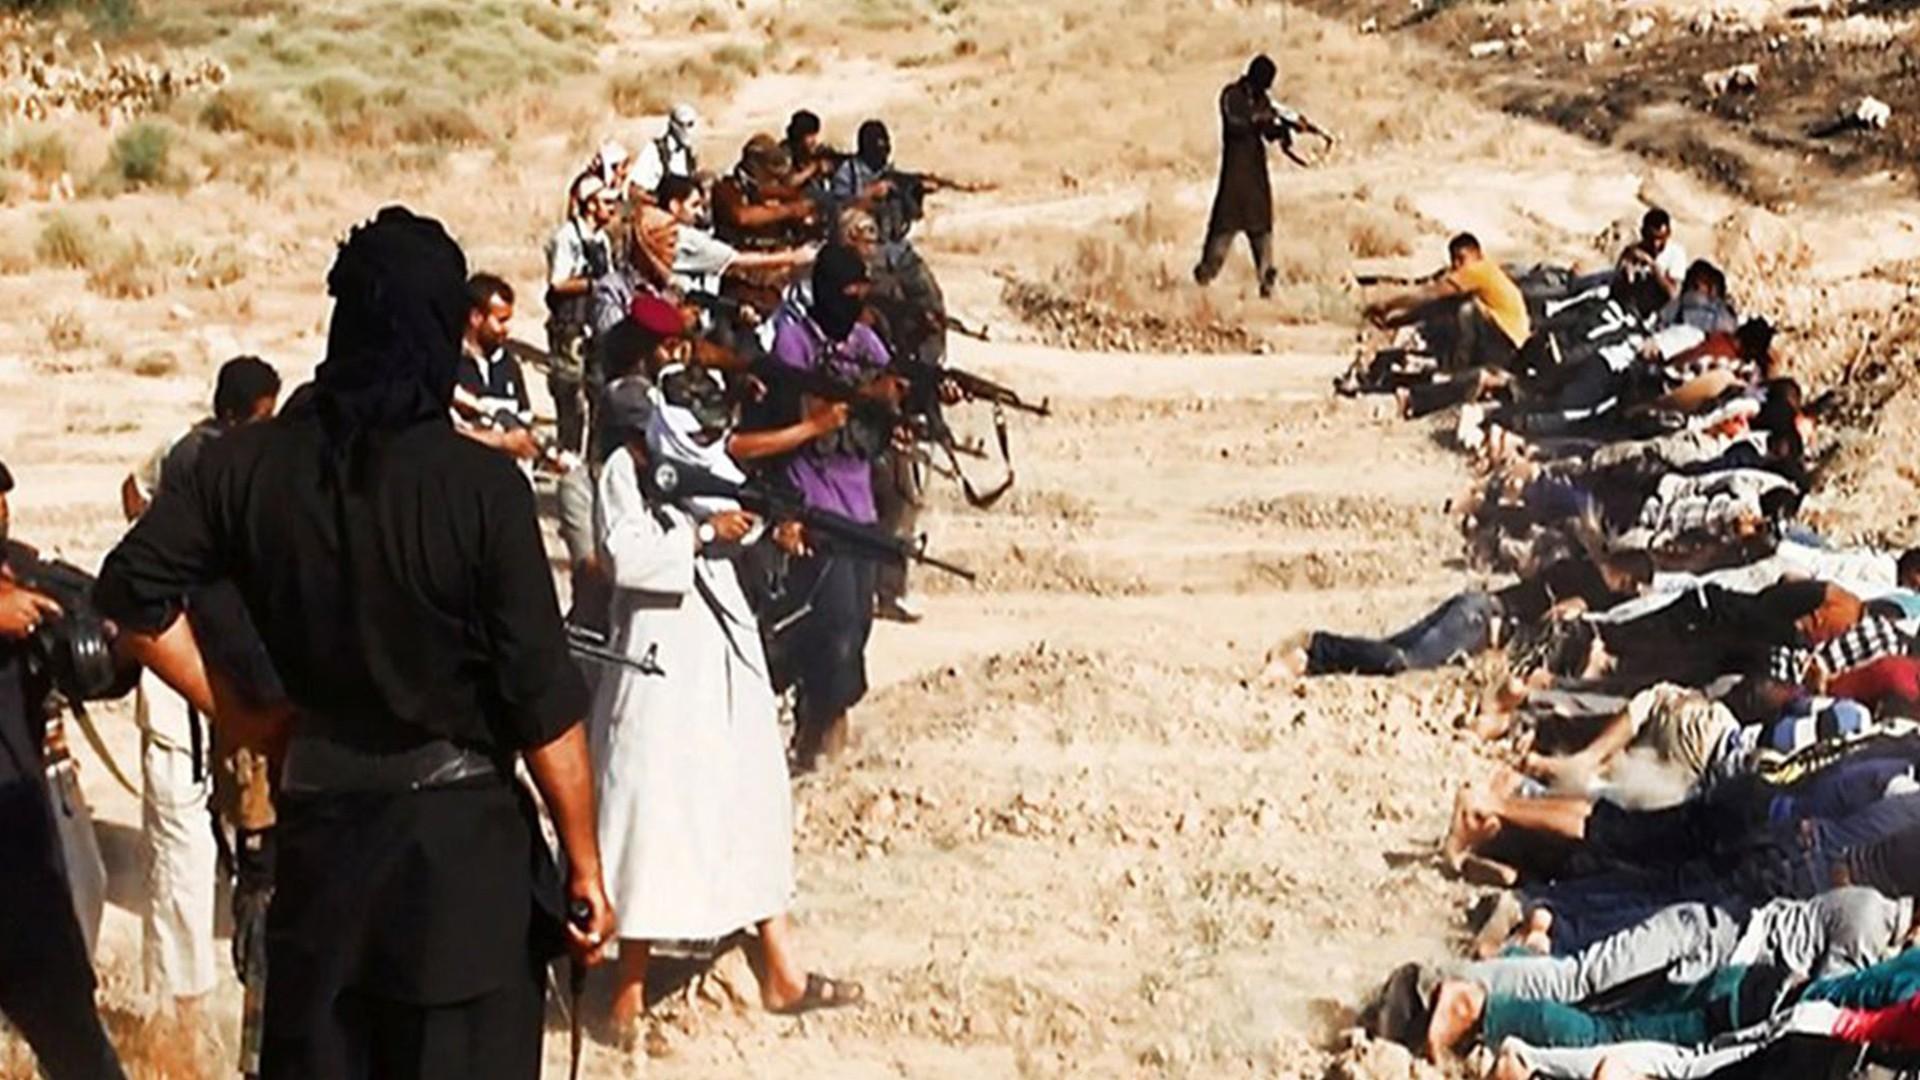 مجزرة الشعيطات - دير الزور